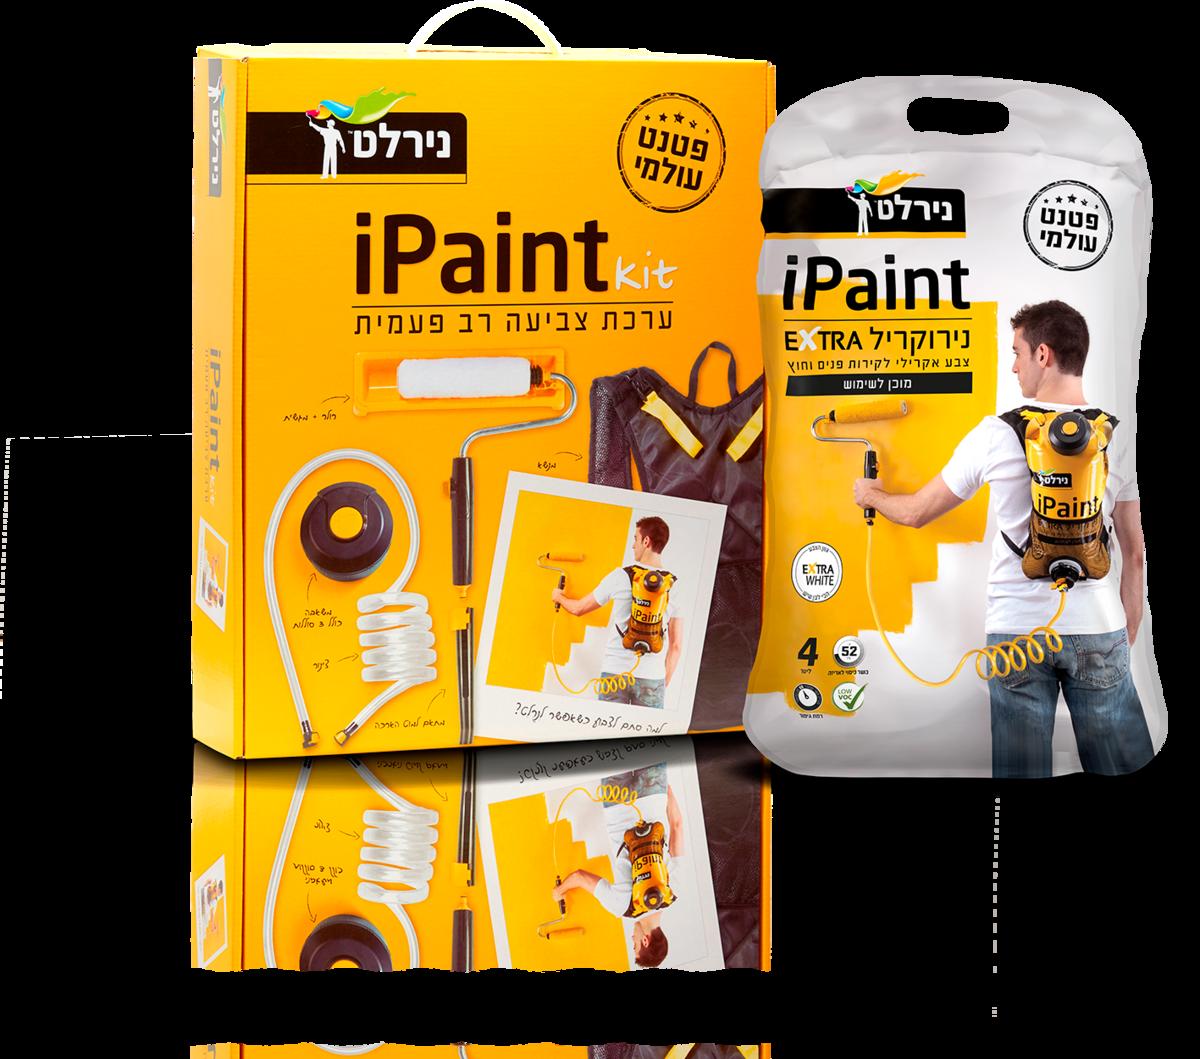 ערכת IPaint Kit נירלט 360 - צבע לבית / למשרדתמונה של